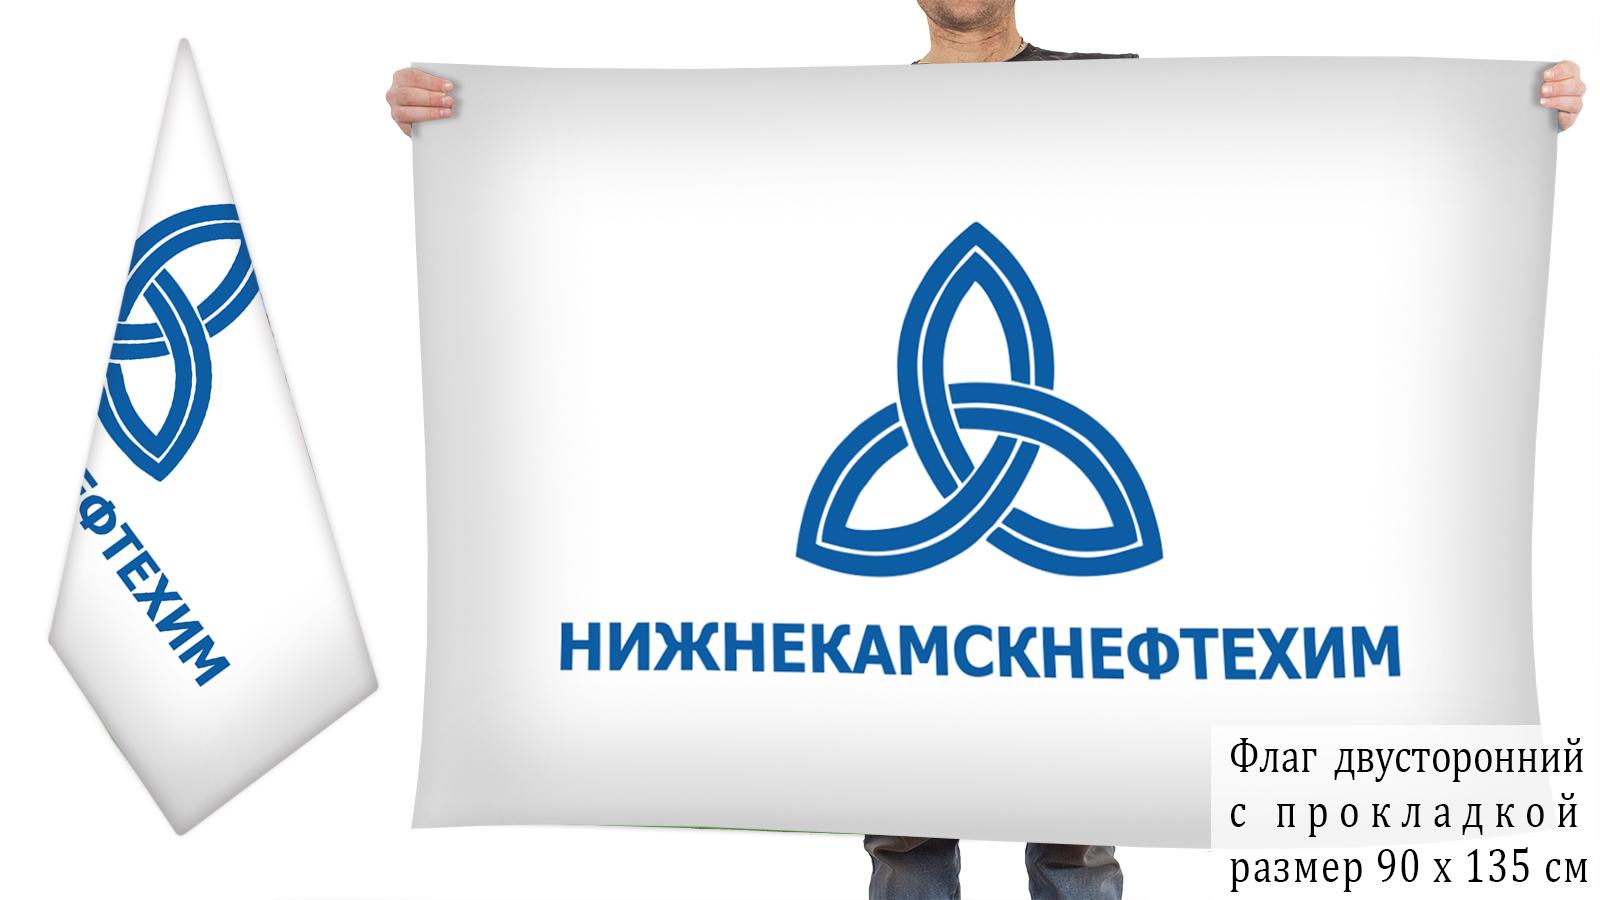 Двусторонний флаг Нижнекамскнефтехима